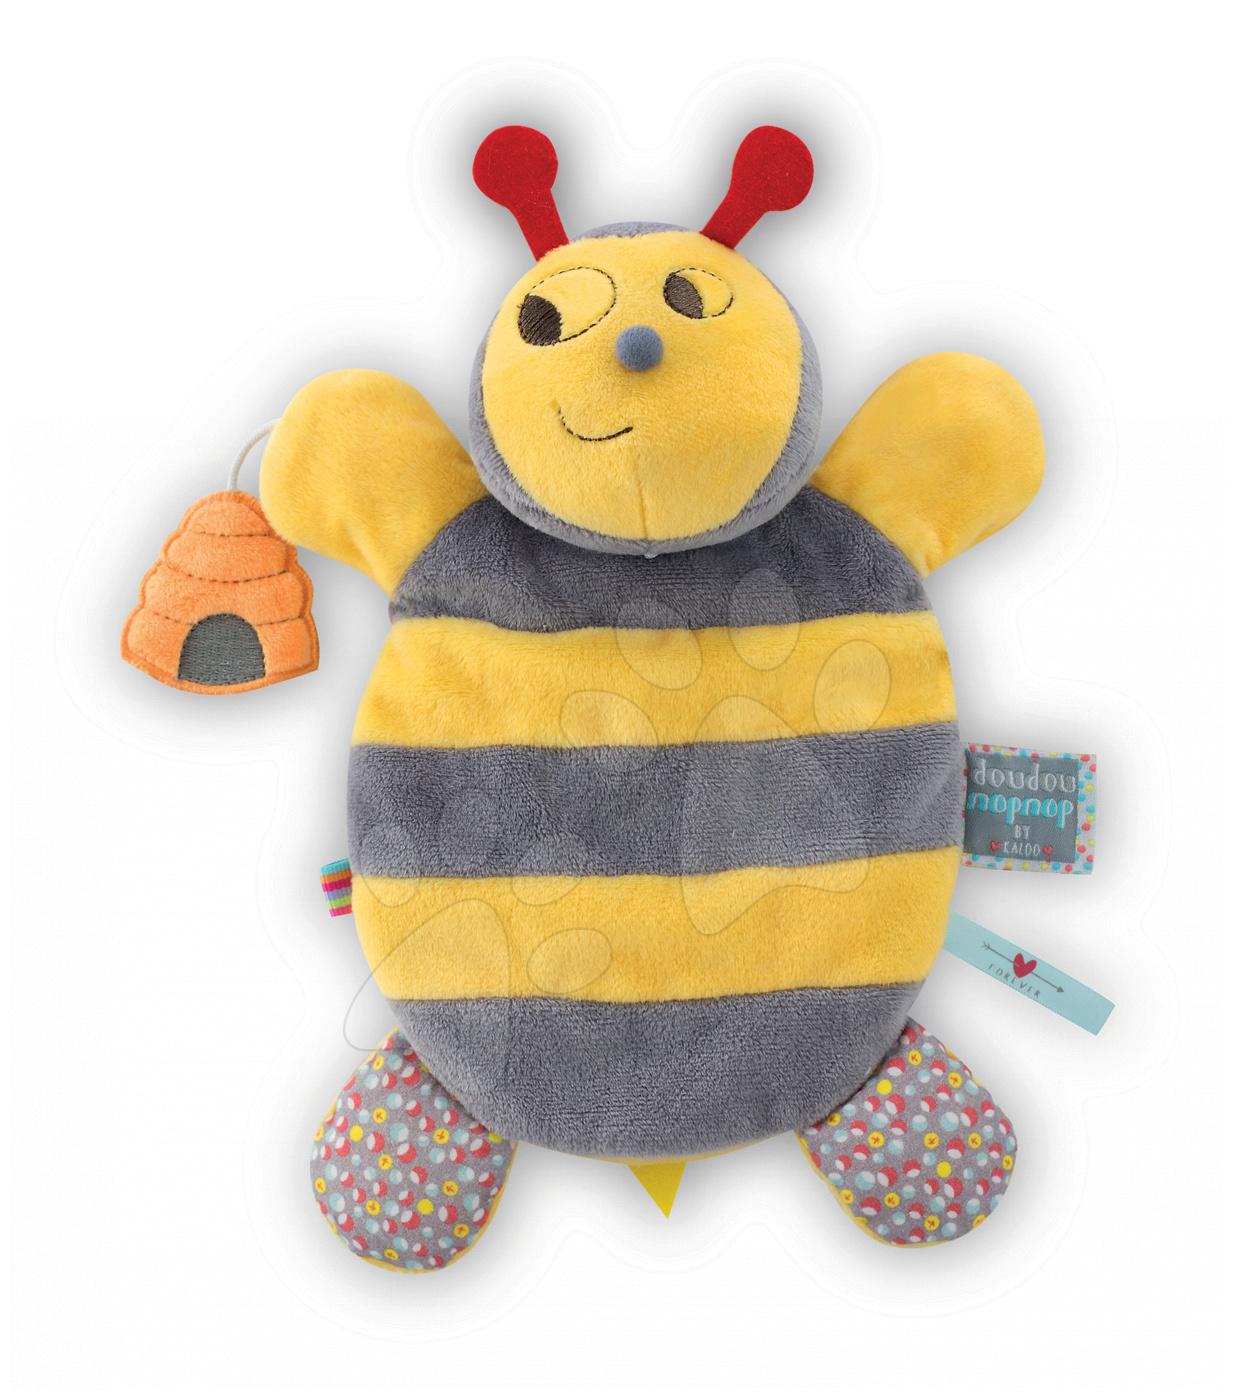 Bábky pre najmenších - Plyšová včielka bábkové divadlo Nopnop-Honey Bee Doudou Kaloo 25 cm pre najmenších